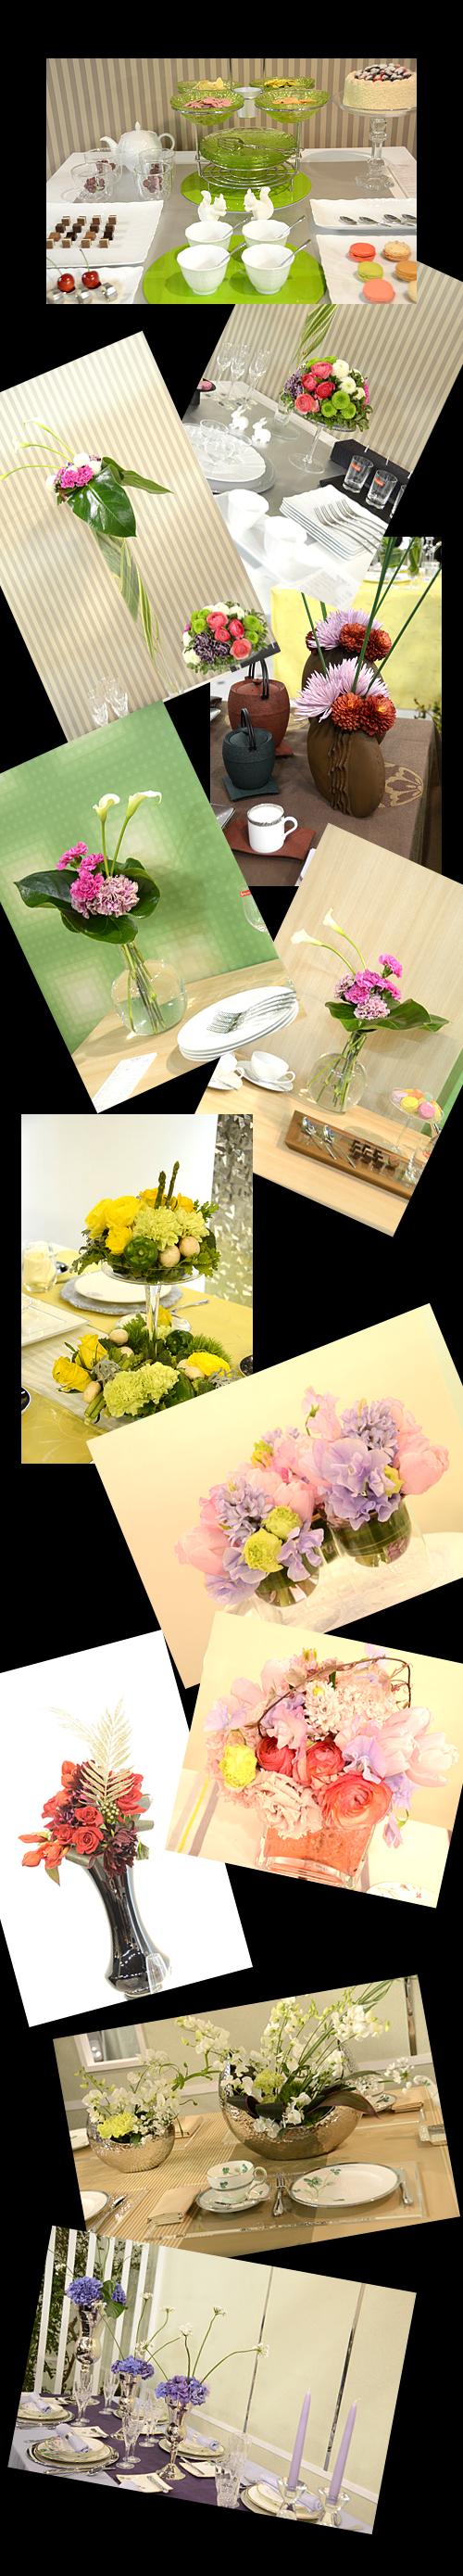 2月3日テーブルウェアフェスティバル3